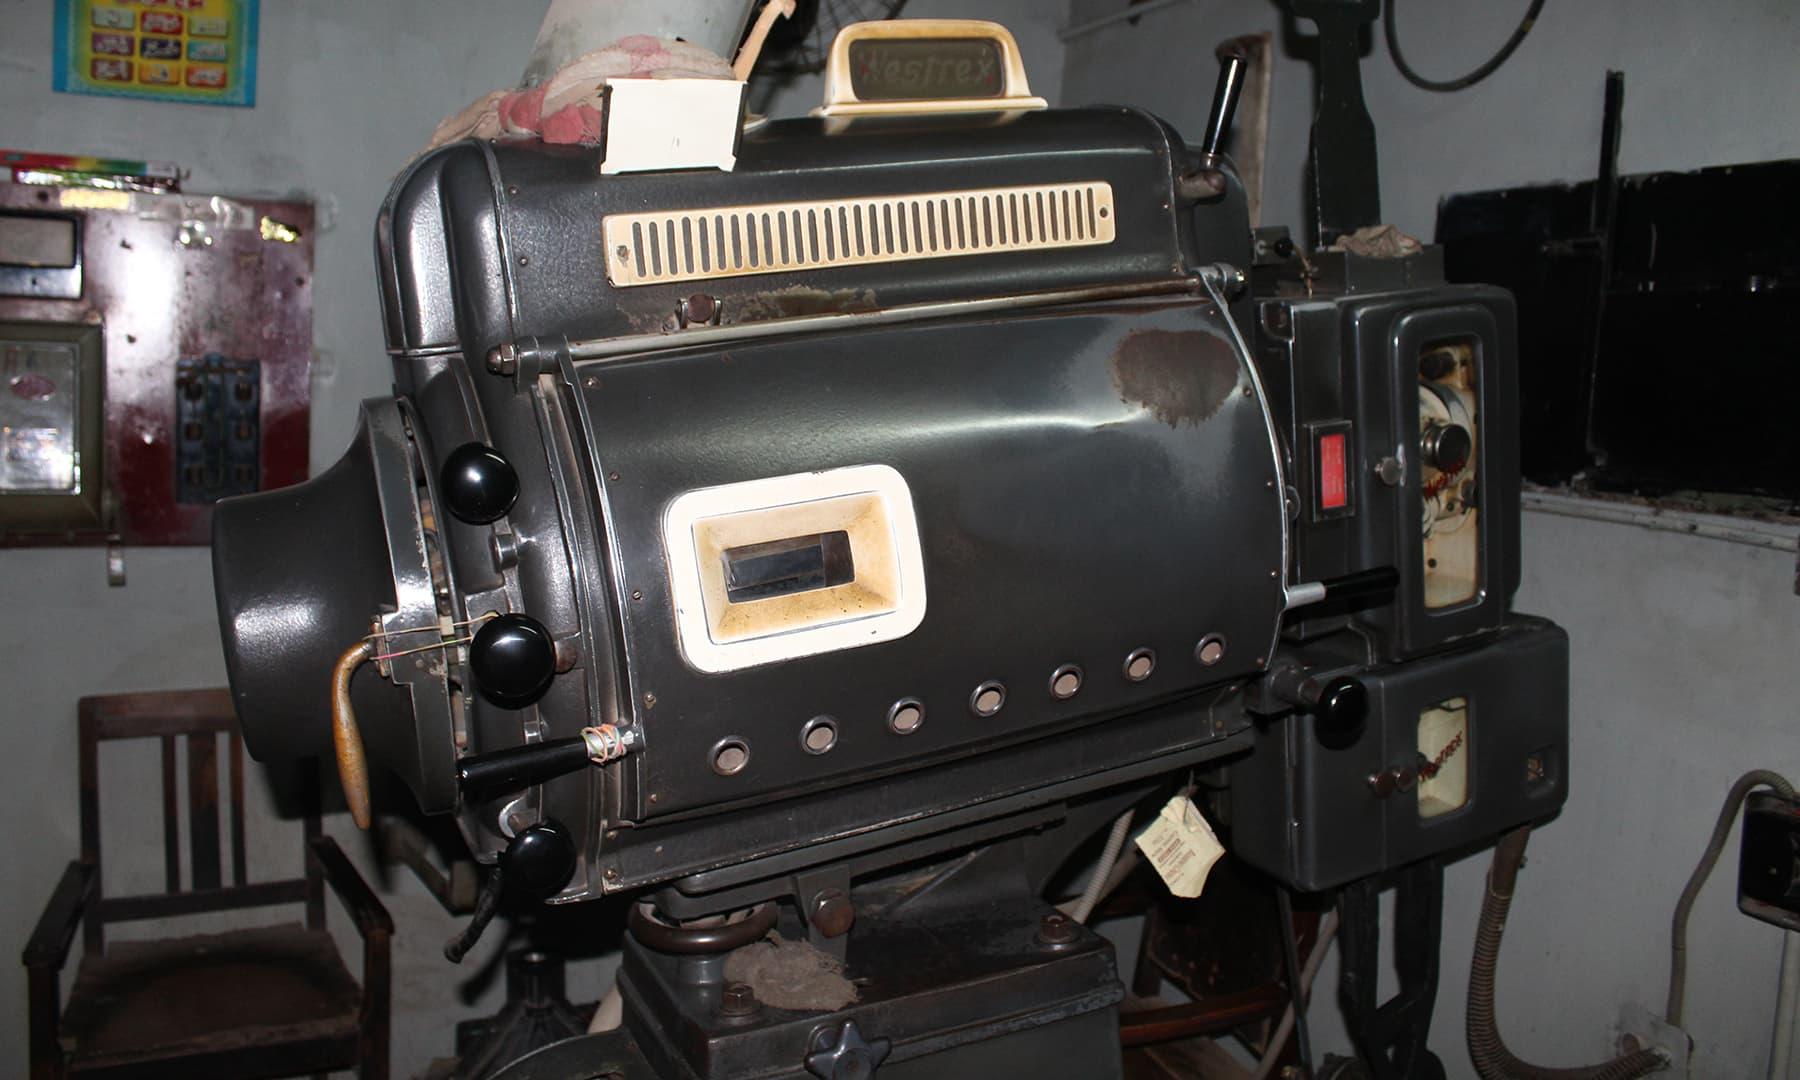 نہ جانے کتنی فلموں کی ریلیں اس پروجیکٹر پر چڑھائی جاچکی ہیں—تصویر اختر حفیظ